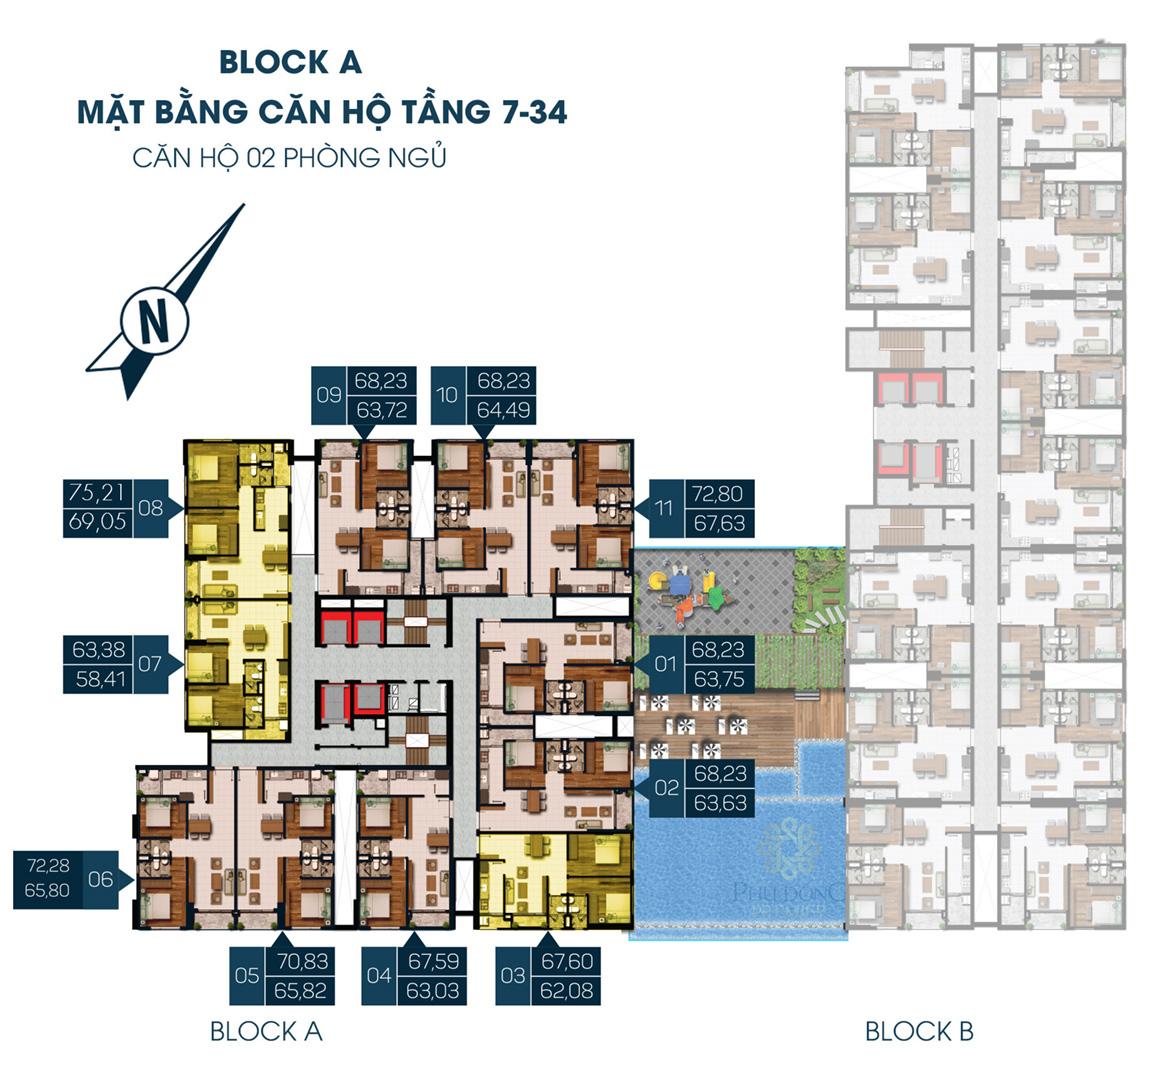 MB Block A Tầng 7 - 34 dự án Phú Đông Premier